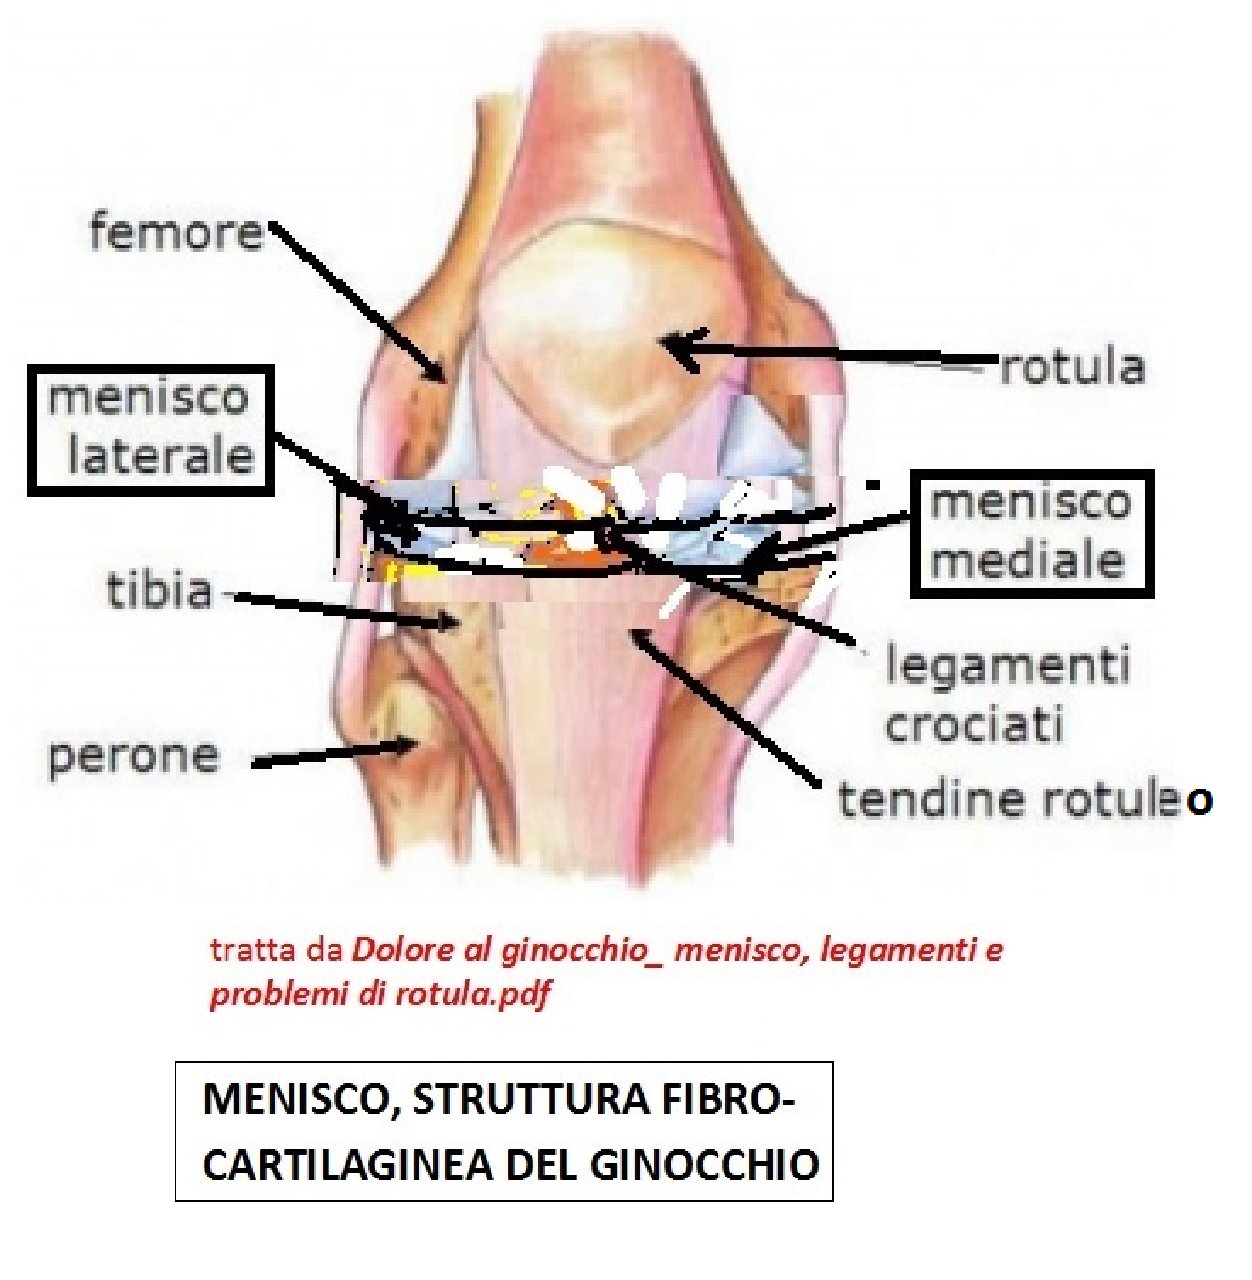 Come per altre artrosi e960c09feb97